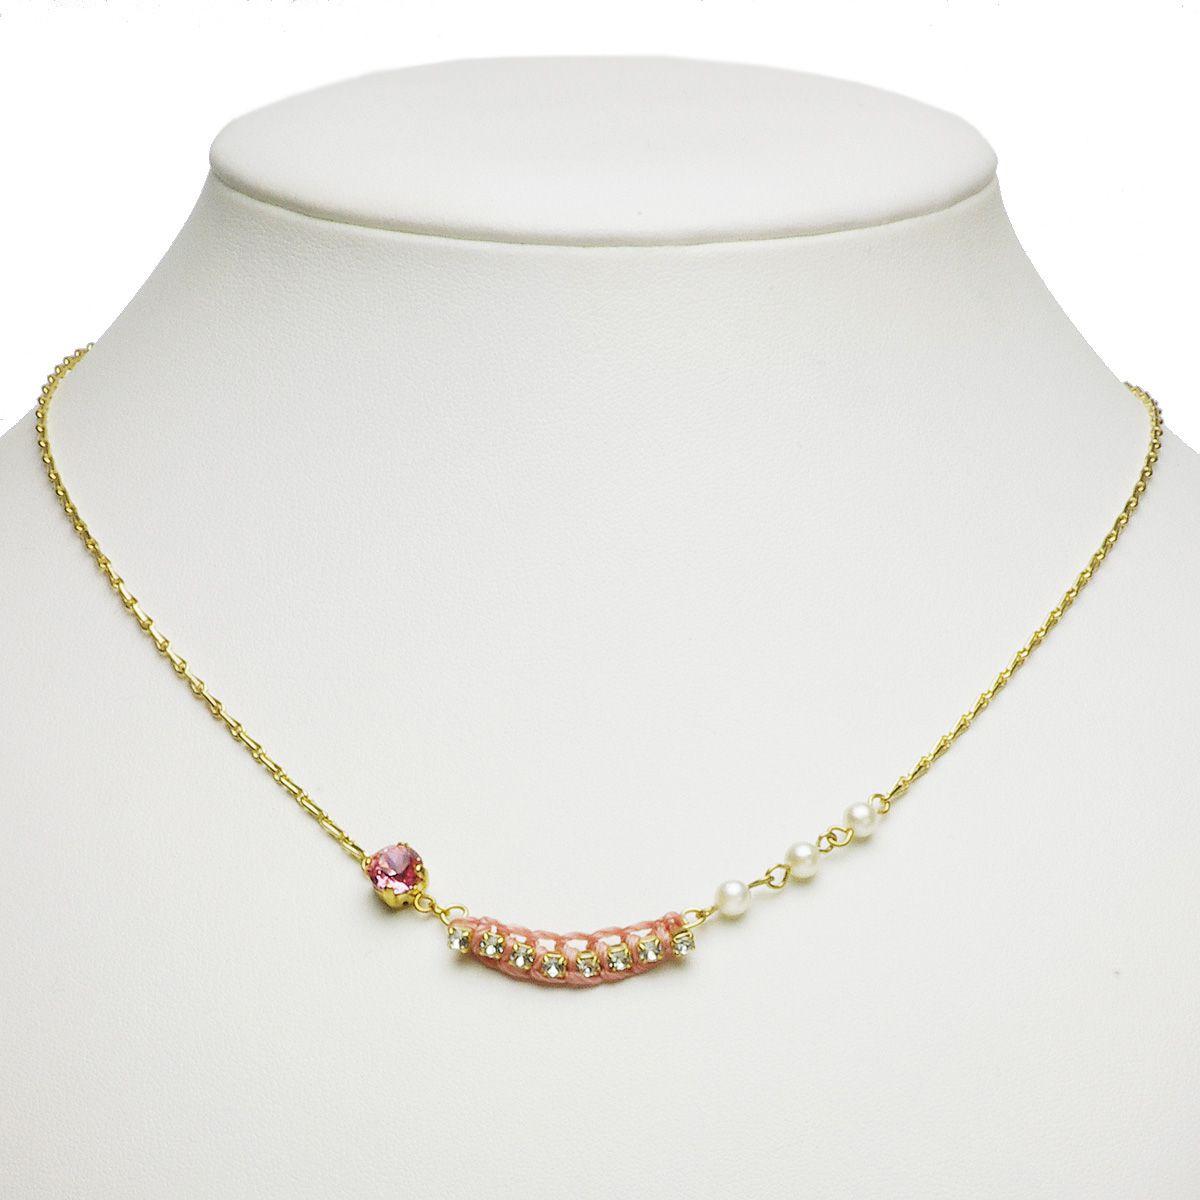 アコヤ真珠 パール スワロフスキー ネックレス 約4.0-4.5mm シンチュウ 合金の写真